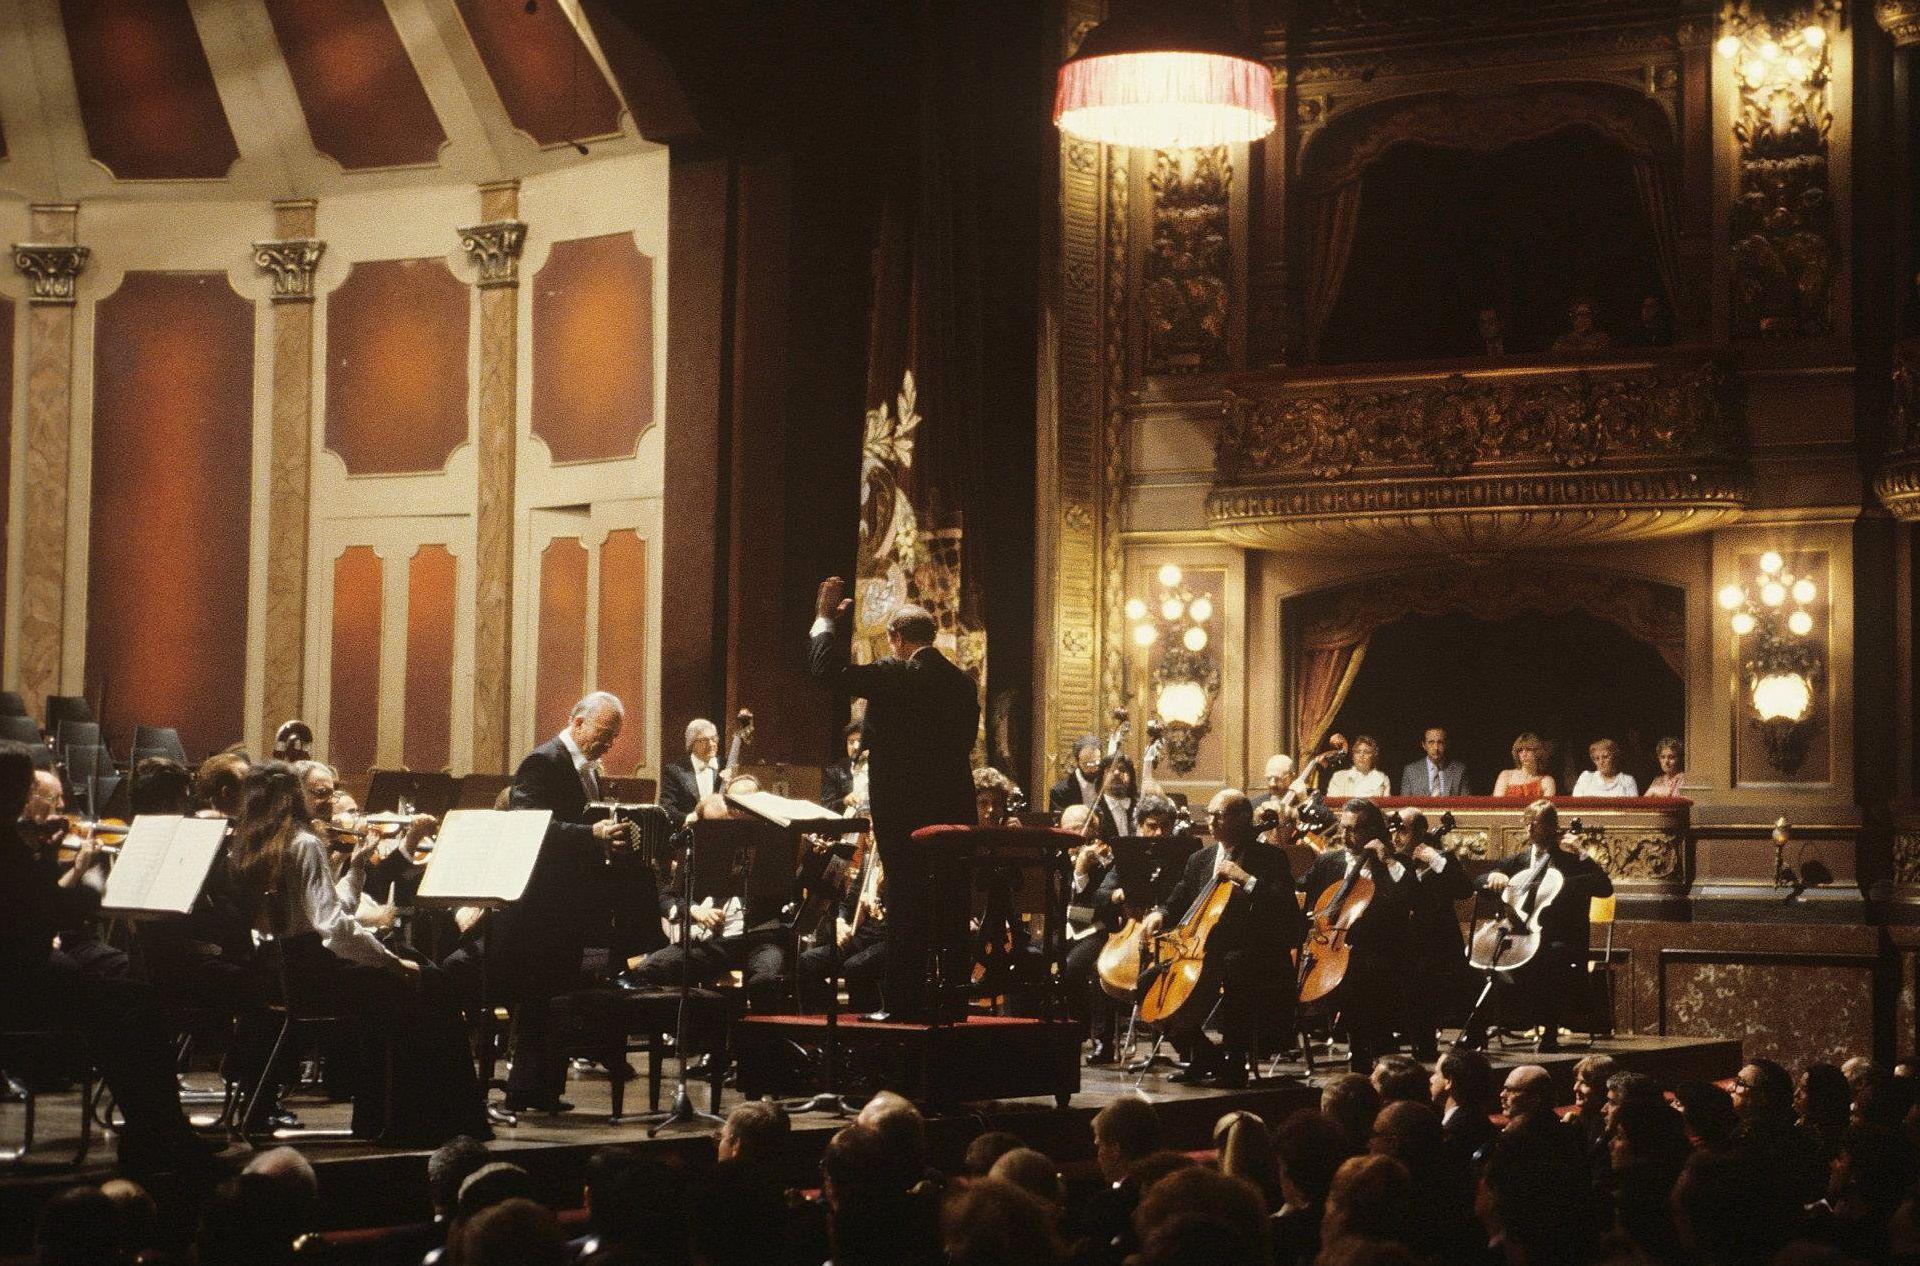 Astor Piazzolla junto a la Orquesta Filarmónica de Buenos Aires - 1983 - (c) Arnaldo Colombaroli (1)